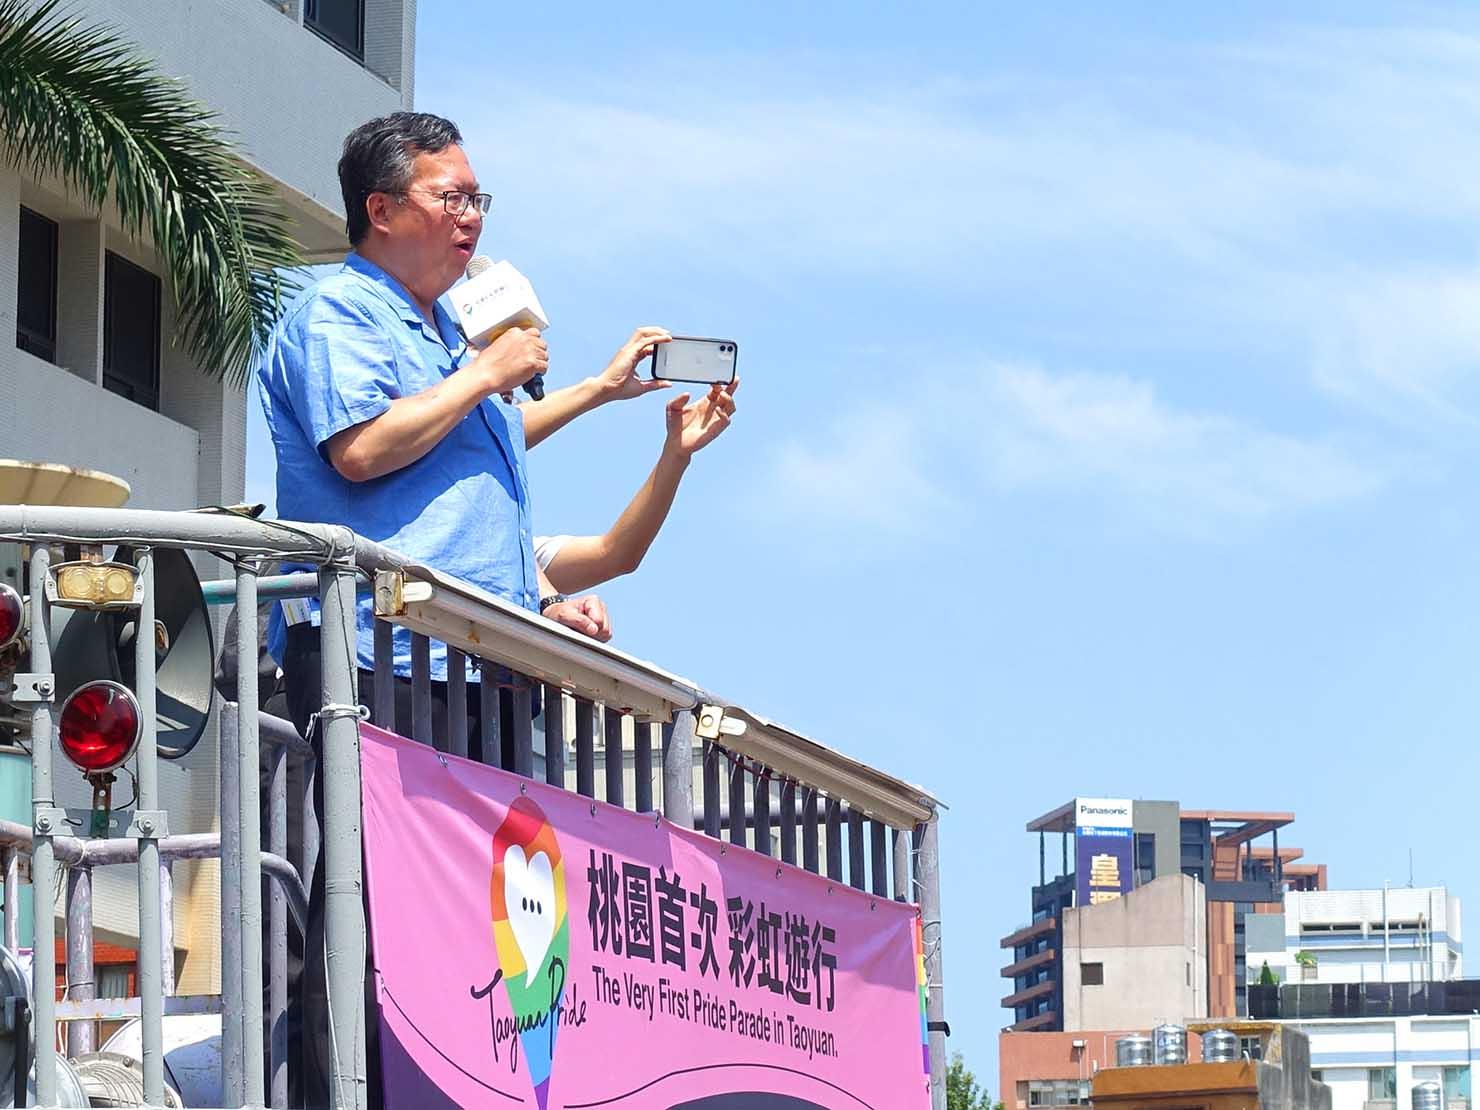 台湾・桃園のLGBTプライド「桃園彩虹野餐日」2020でスピーチをする桃園市長・鄭文燦氏